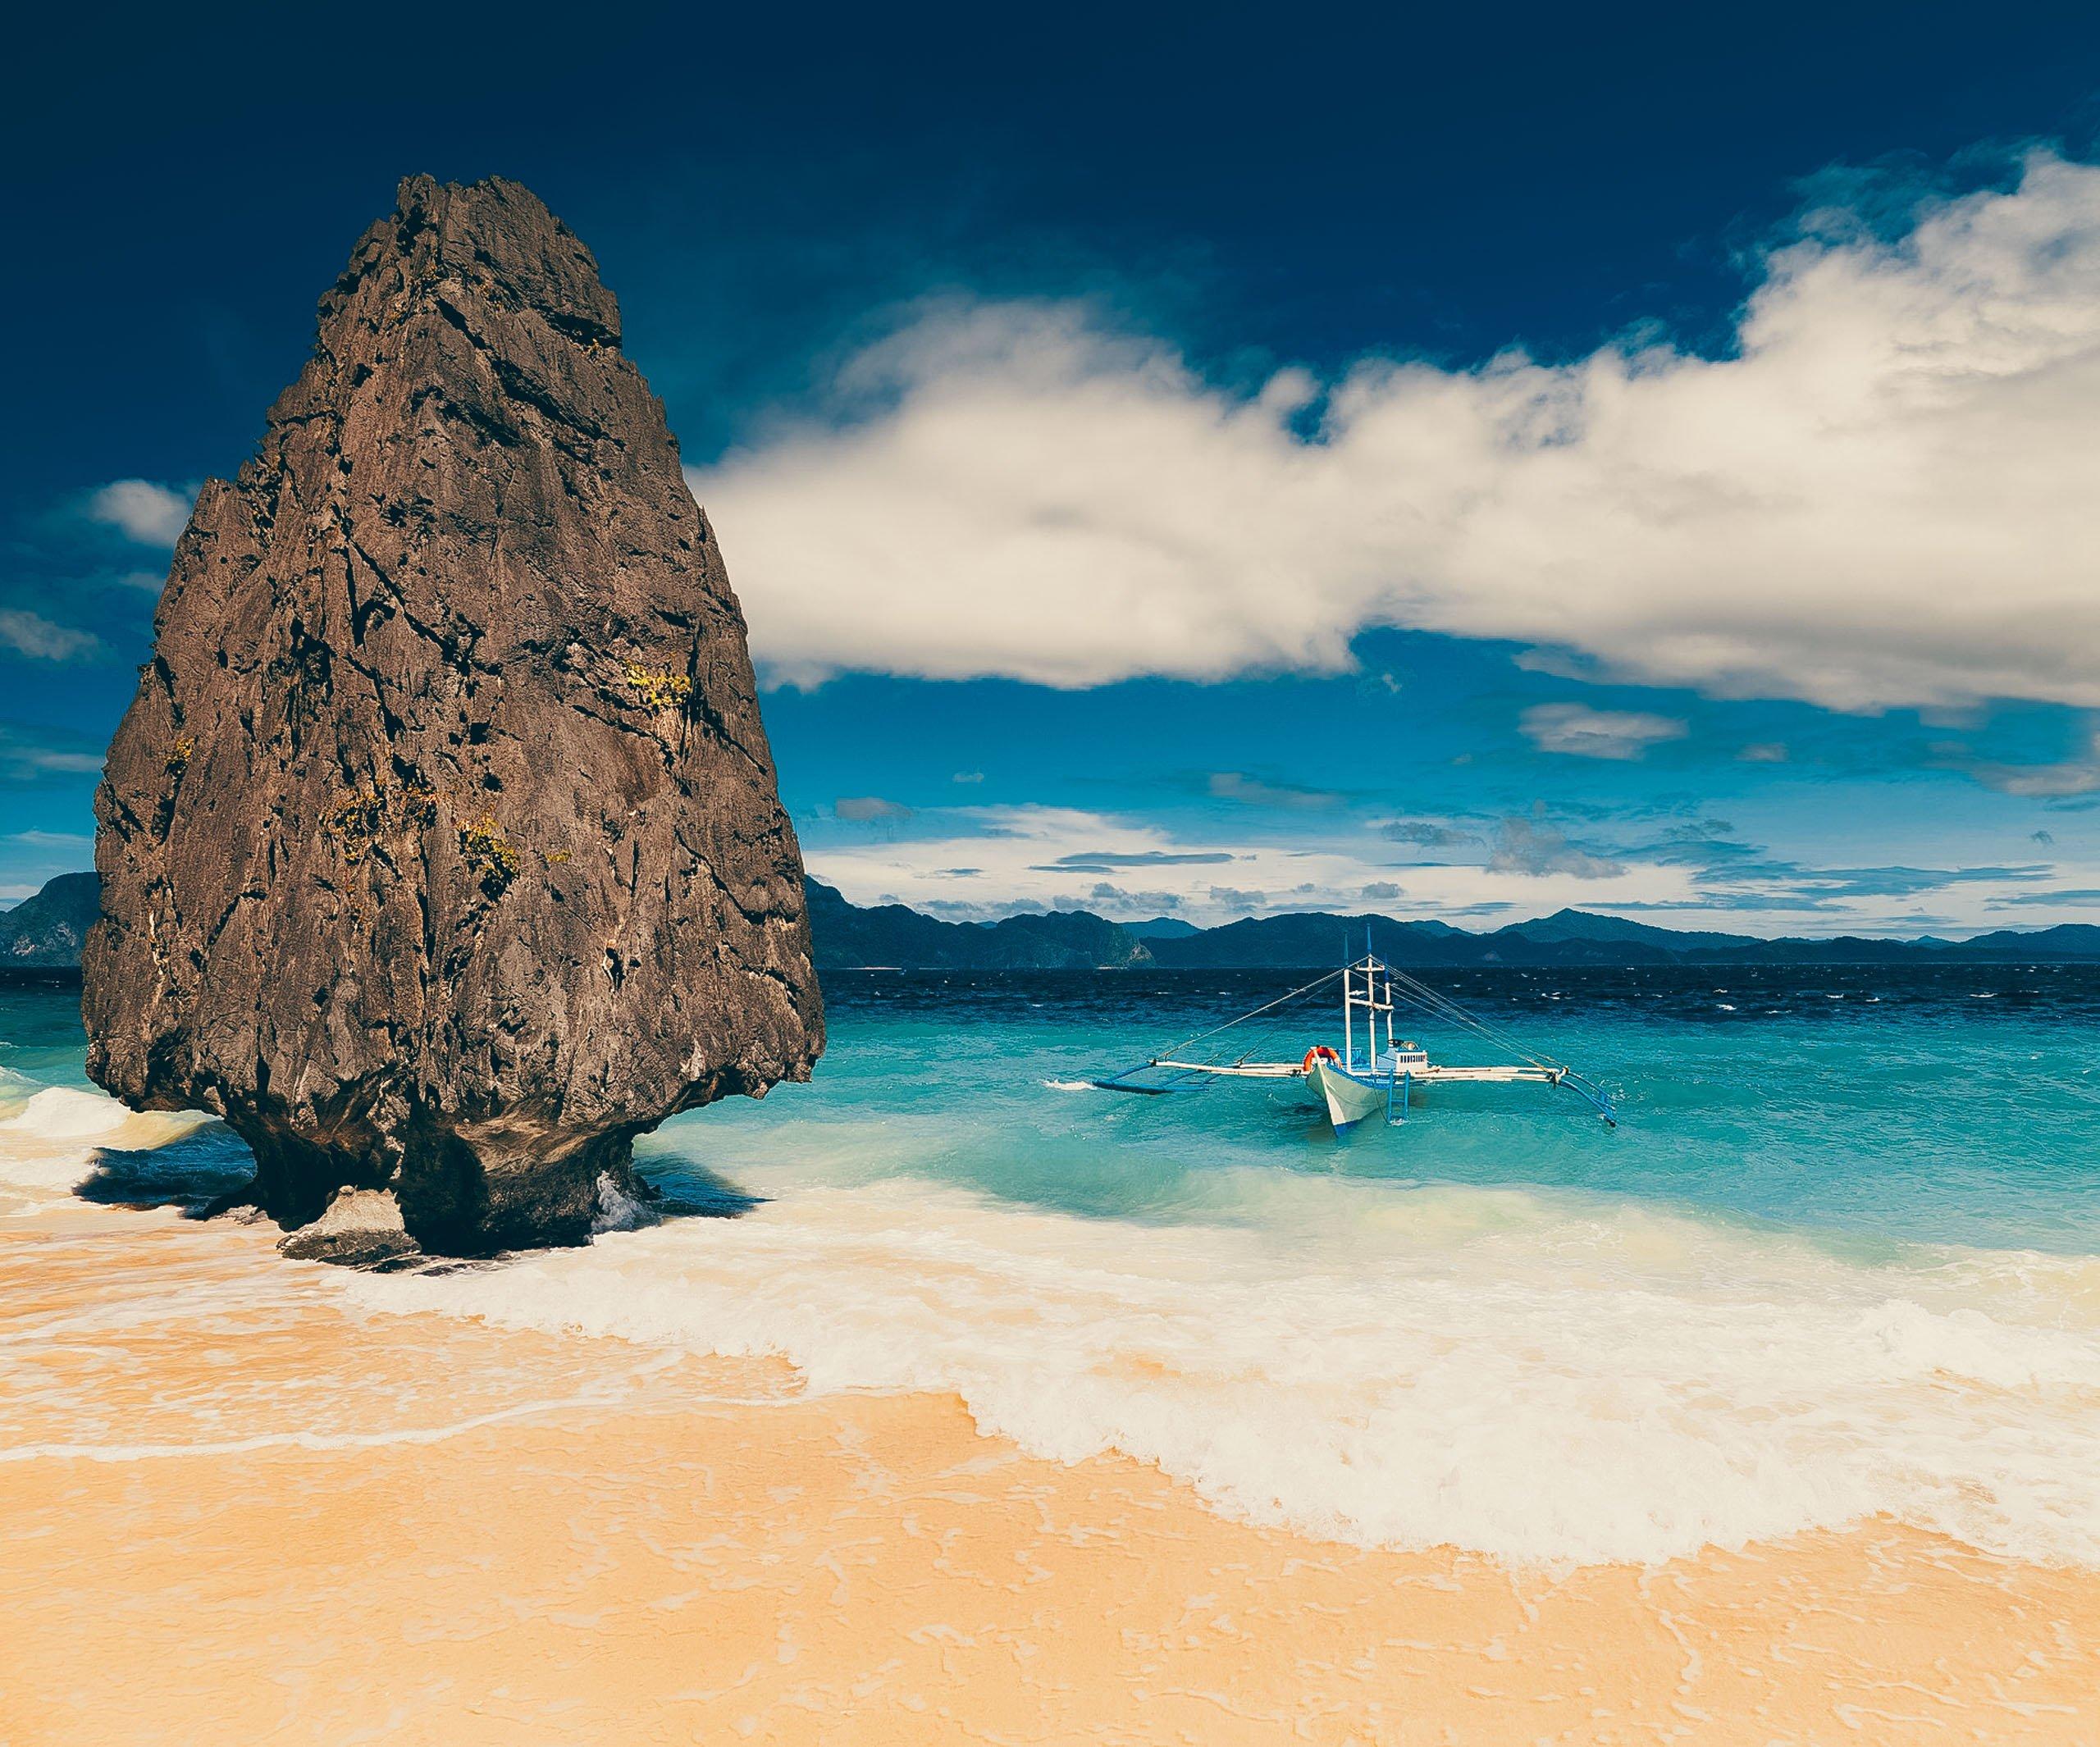 iles-deserte-philippine